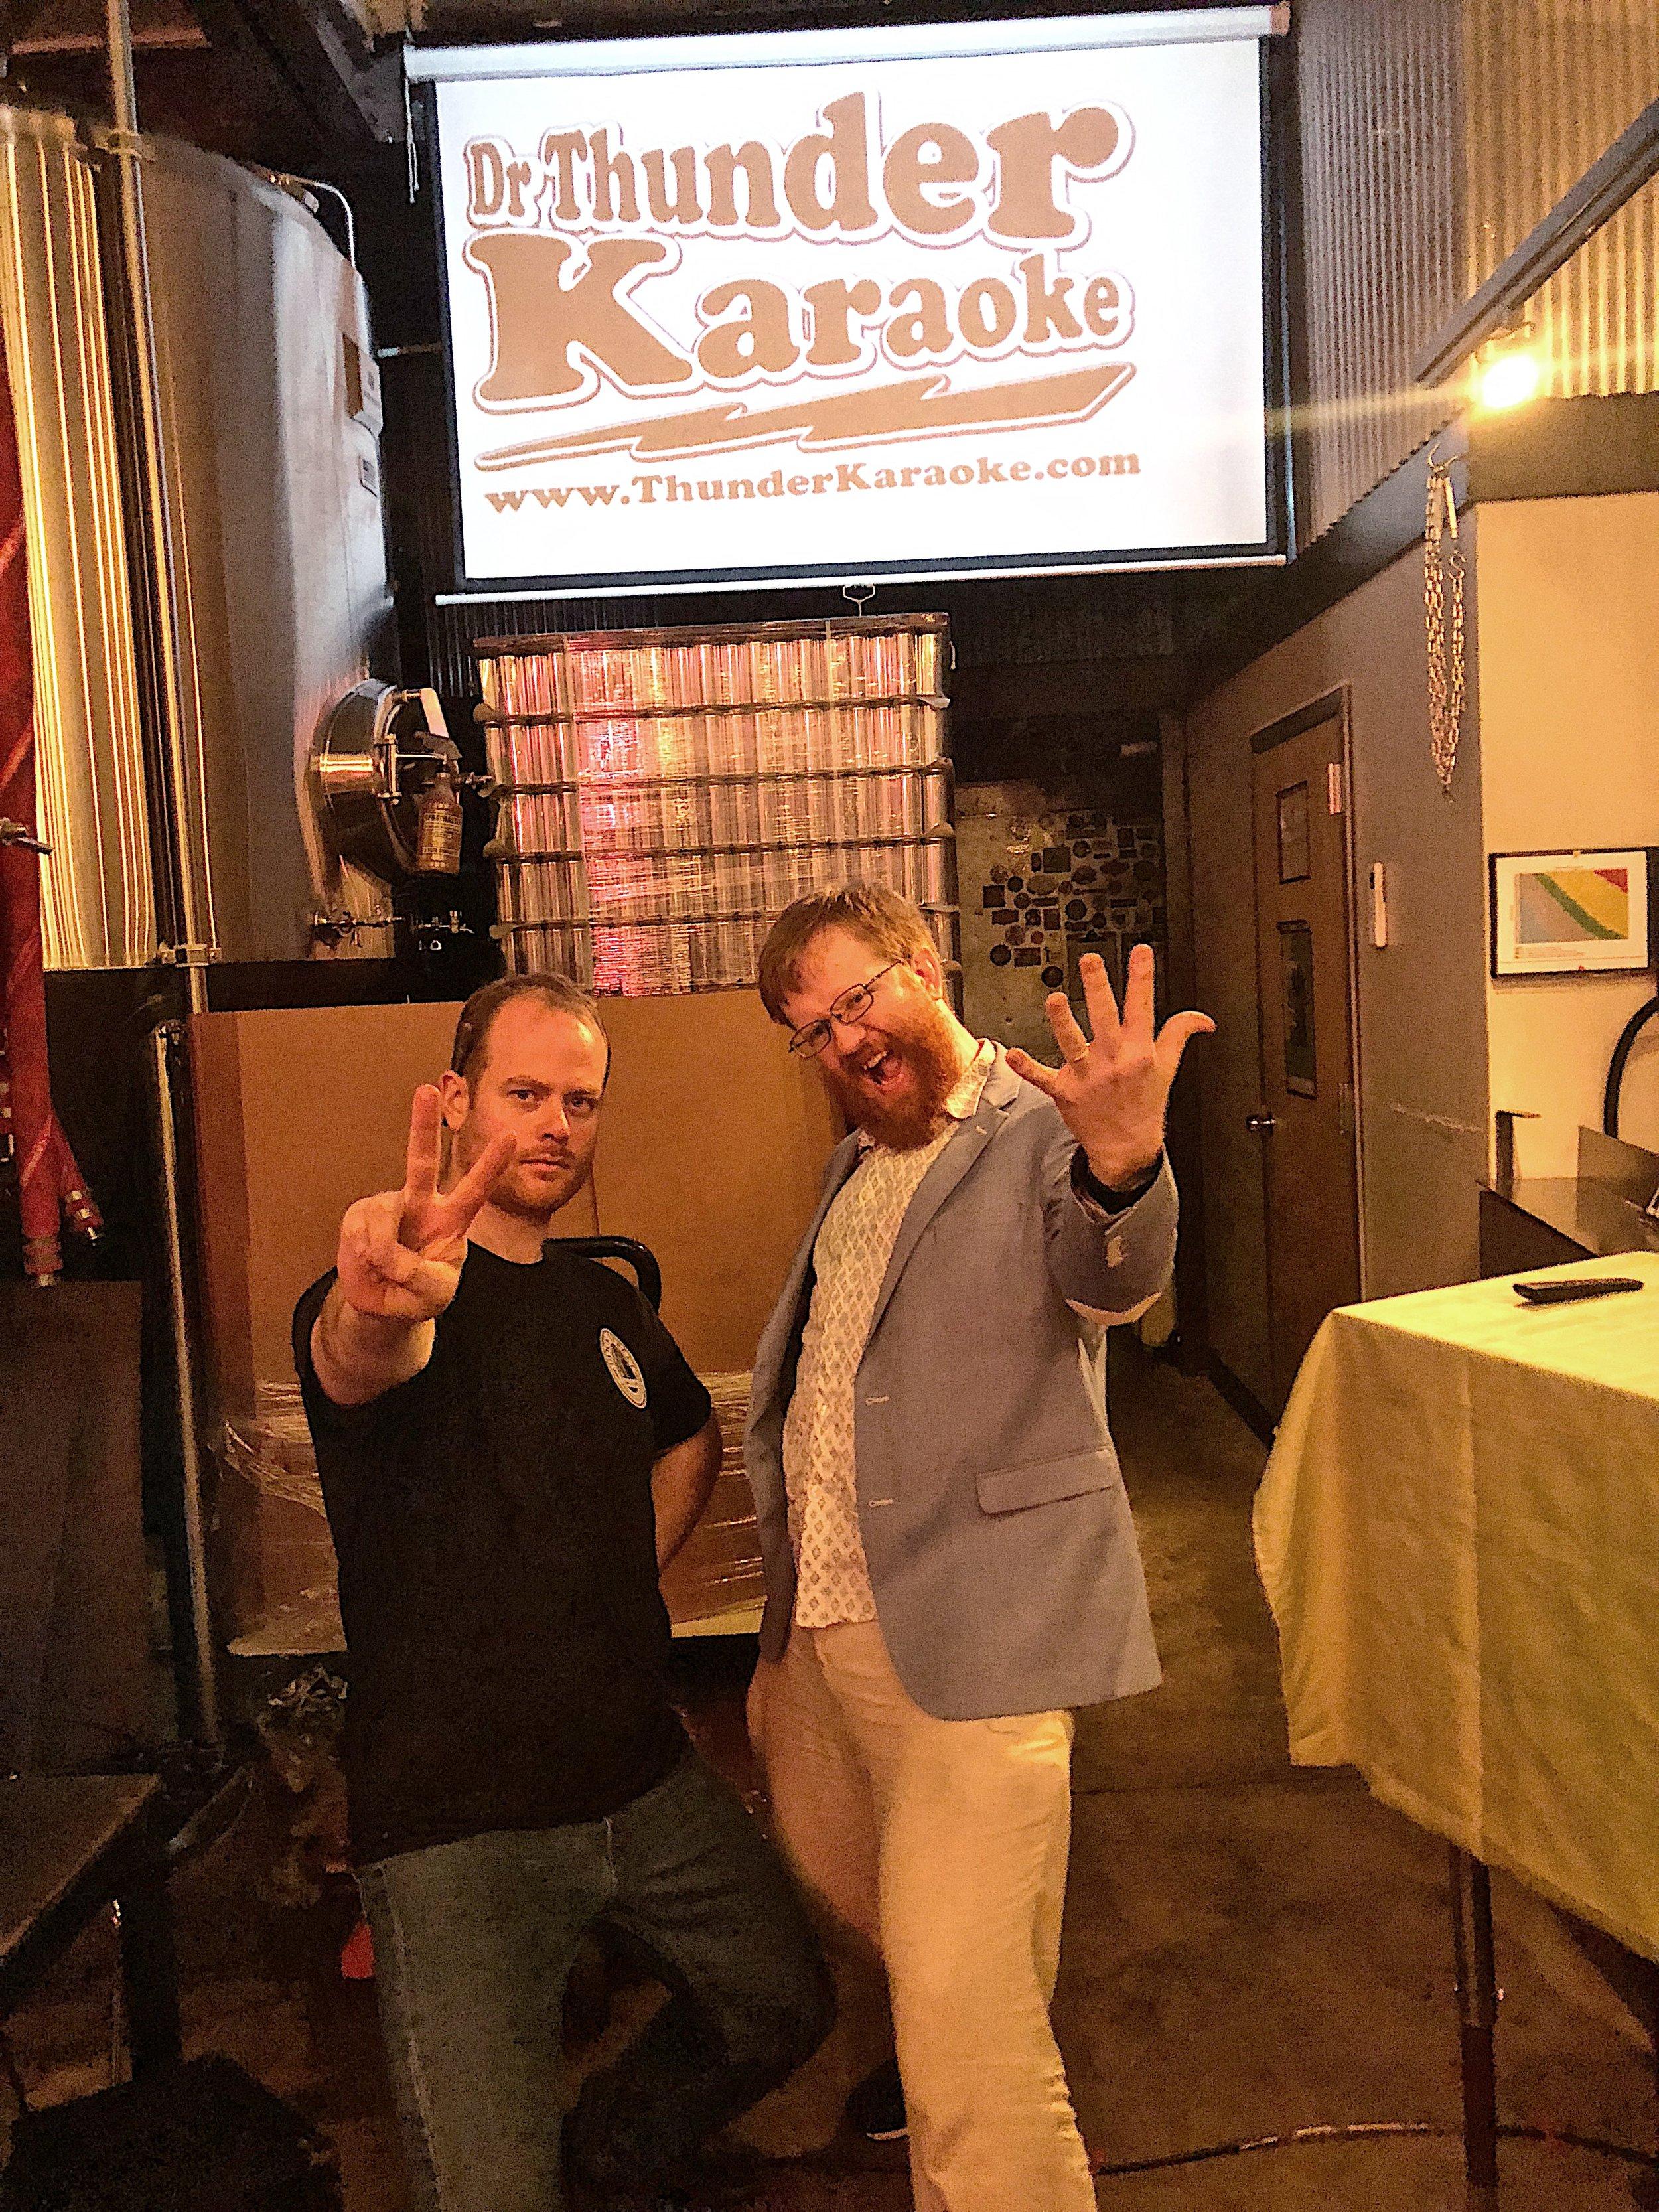 dr thunder karaoke.JPG